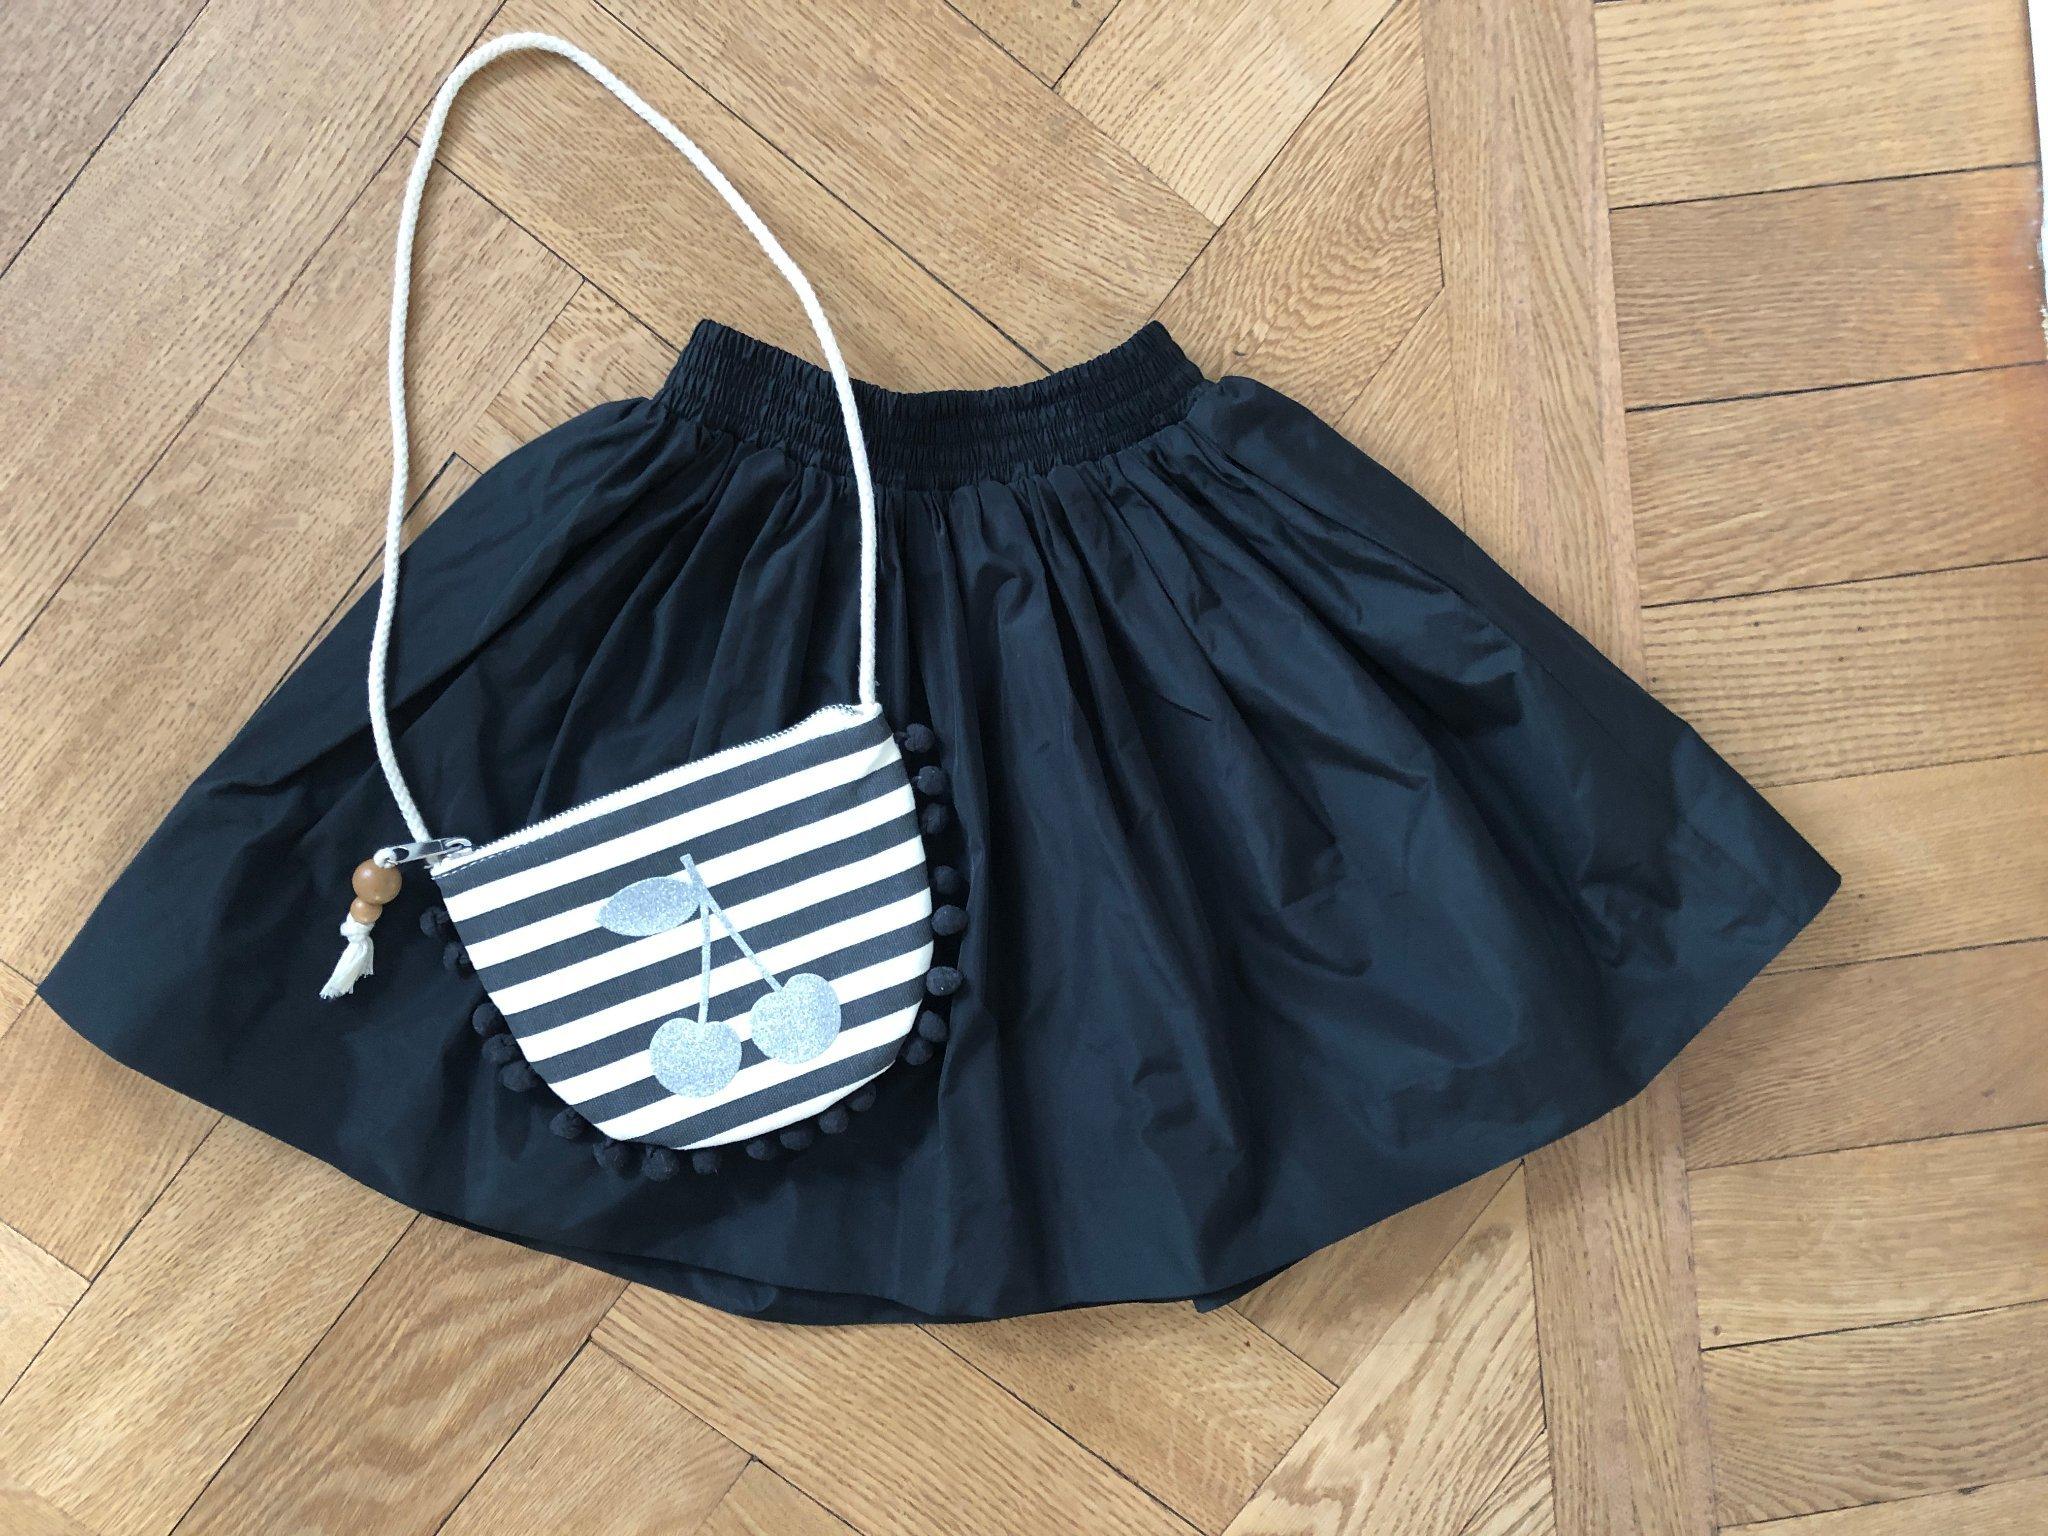 LITTLE REMIX, COUNTRY ROAD kjol väska strl 8 år